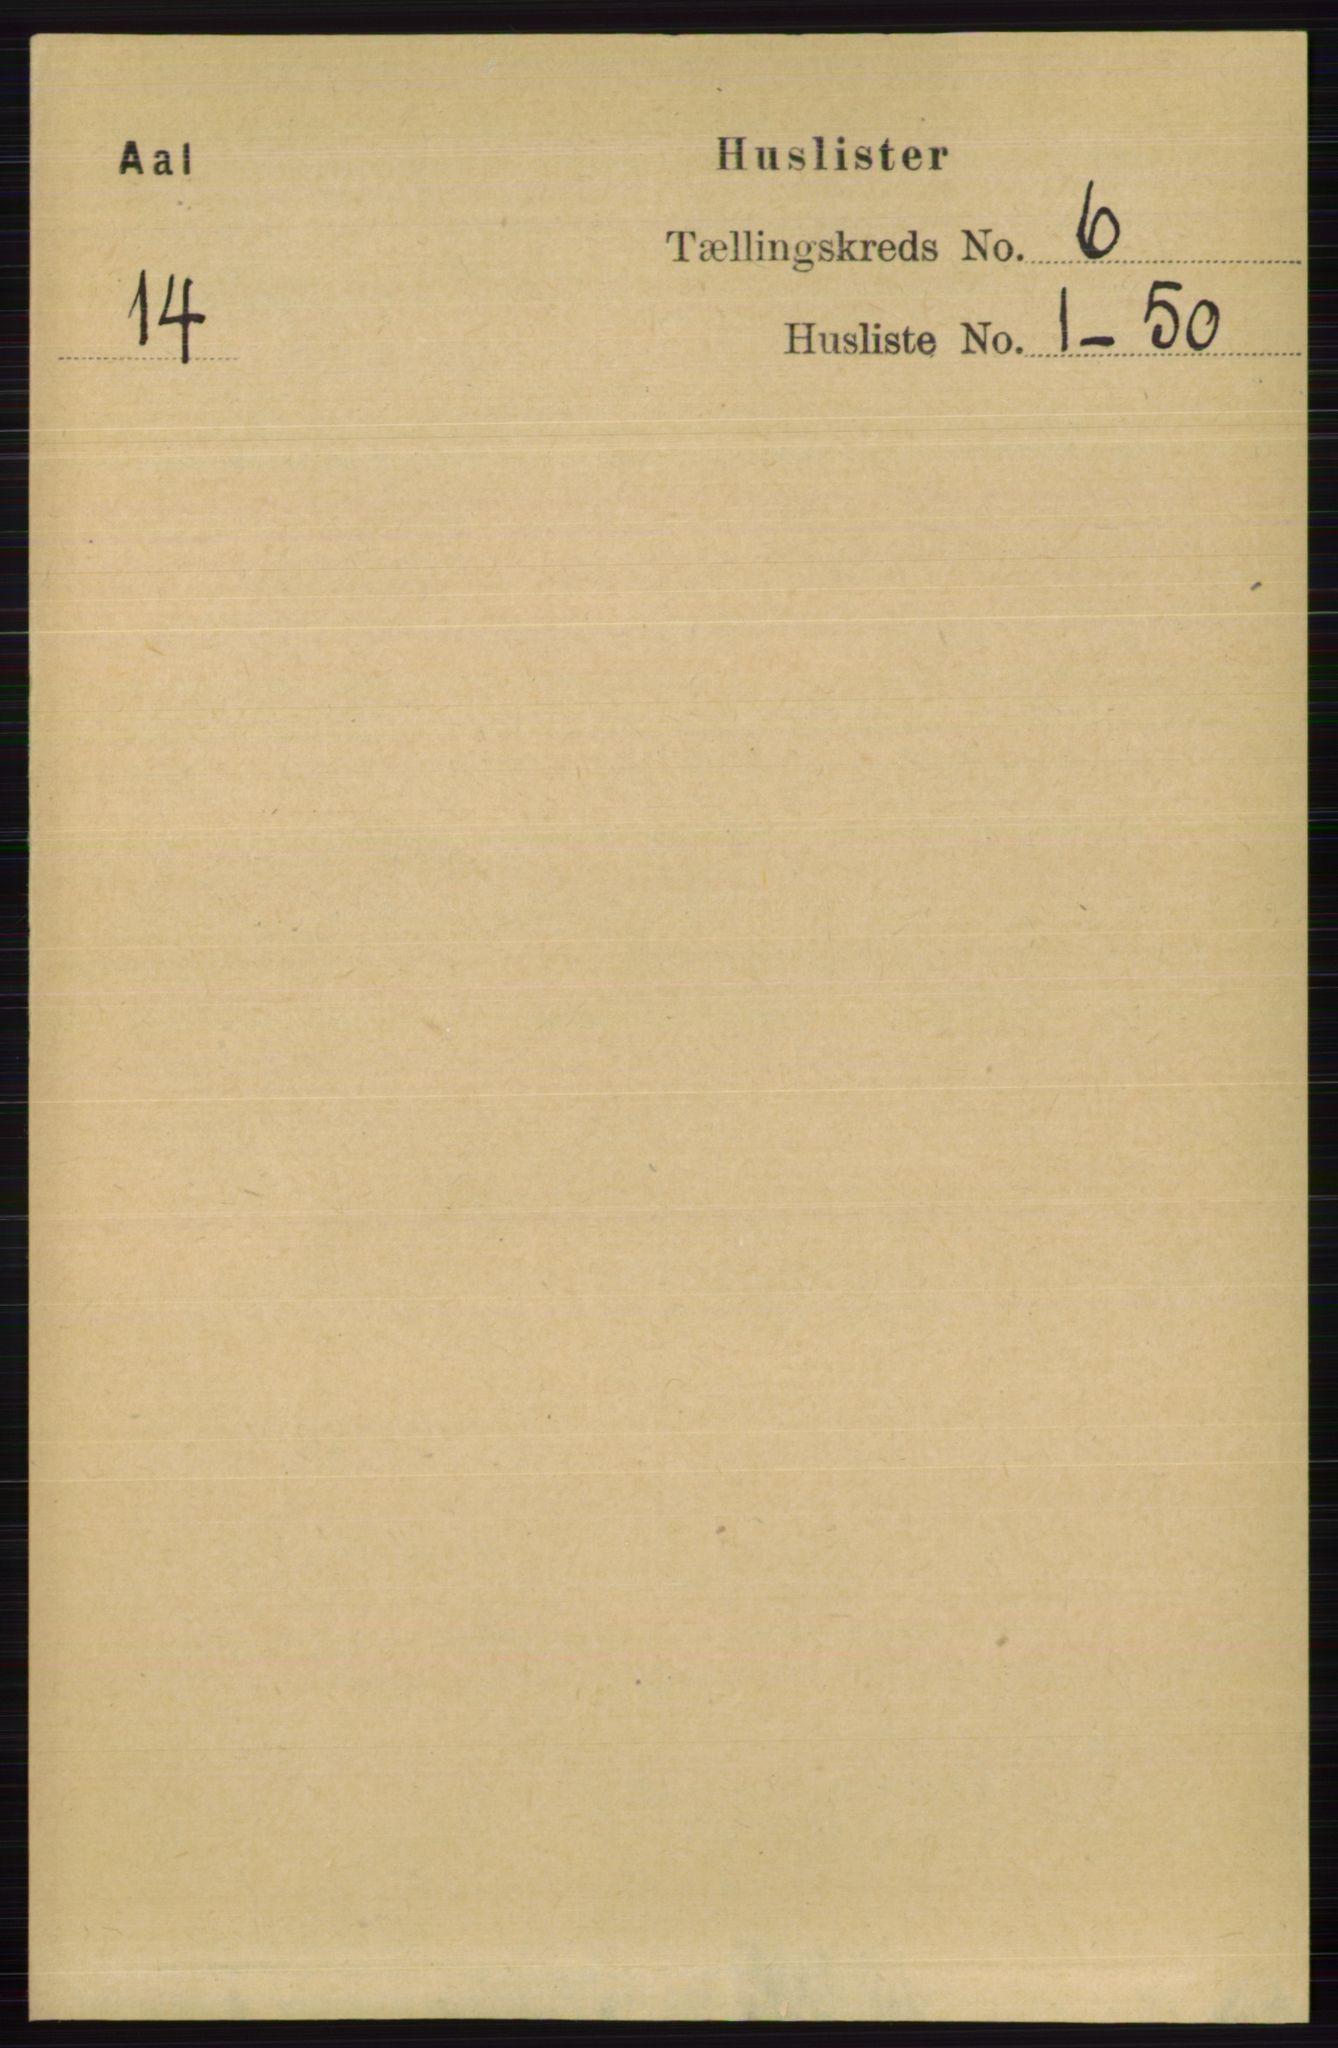 RA, Folketelling 1891 for 0619 Ål herred, 1891, s. 1468